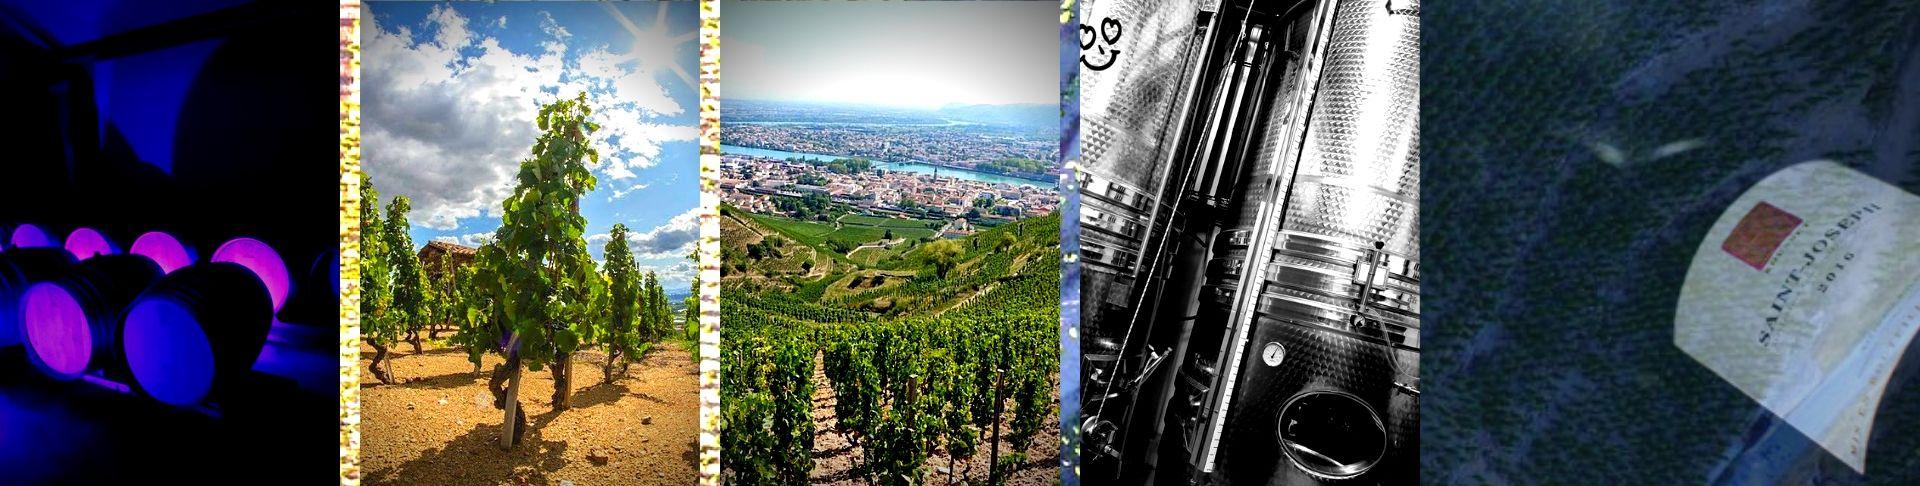 Domaine Rousset | Vente en Ligne | Vins Naturels